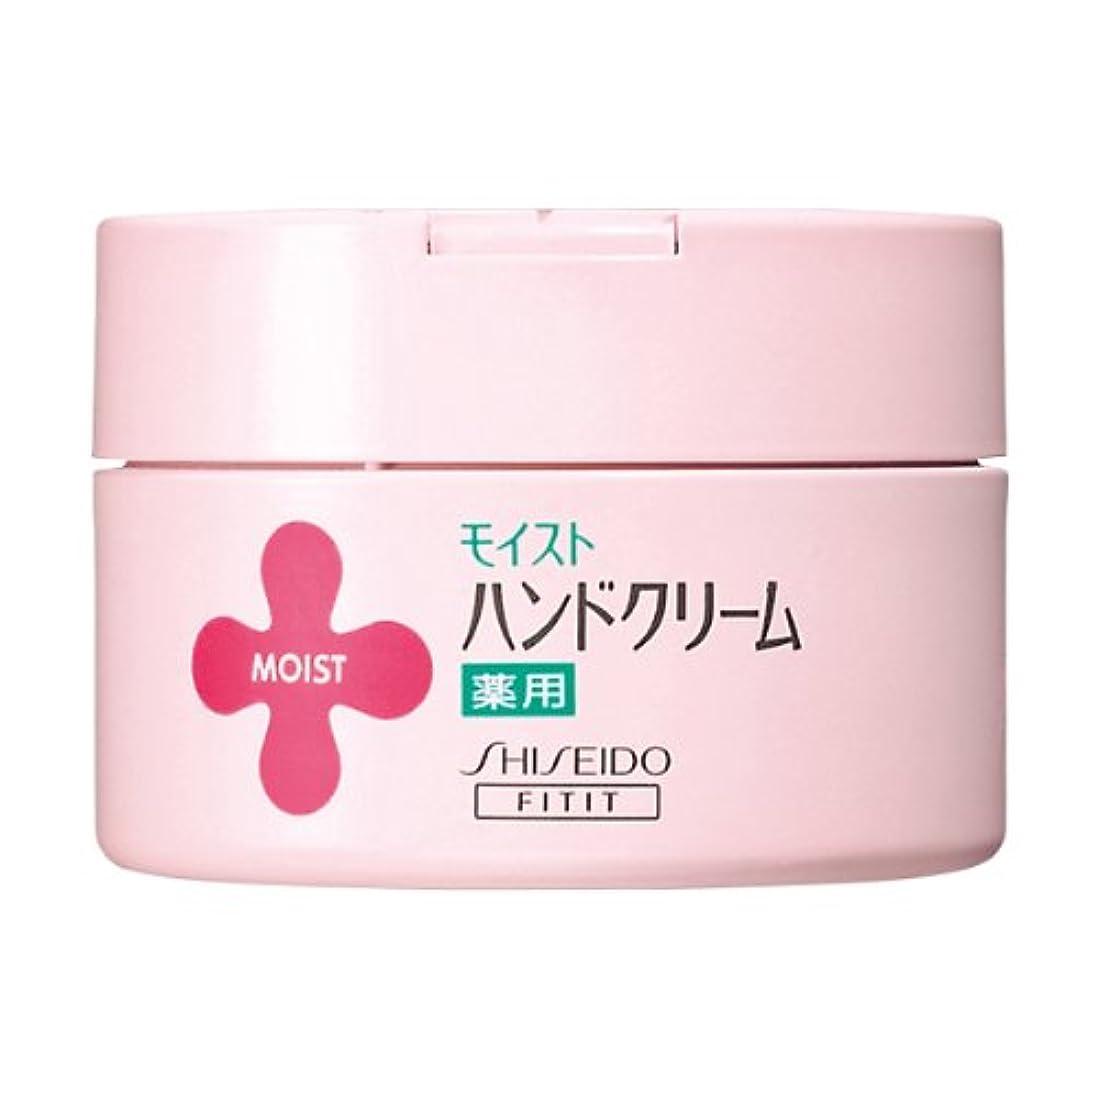 壮大簿記係花瓶モイスト 薬用ハンドクリームUR L 120g 【医薬部外品】